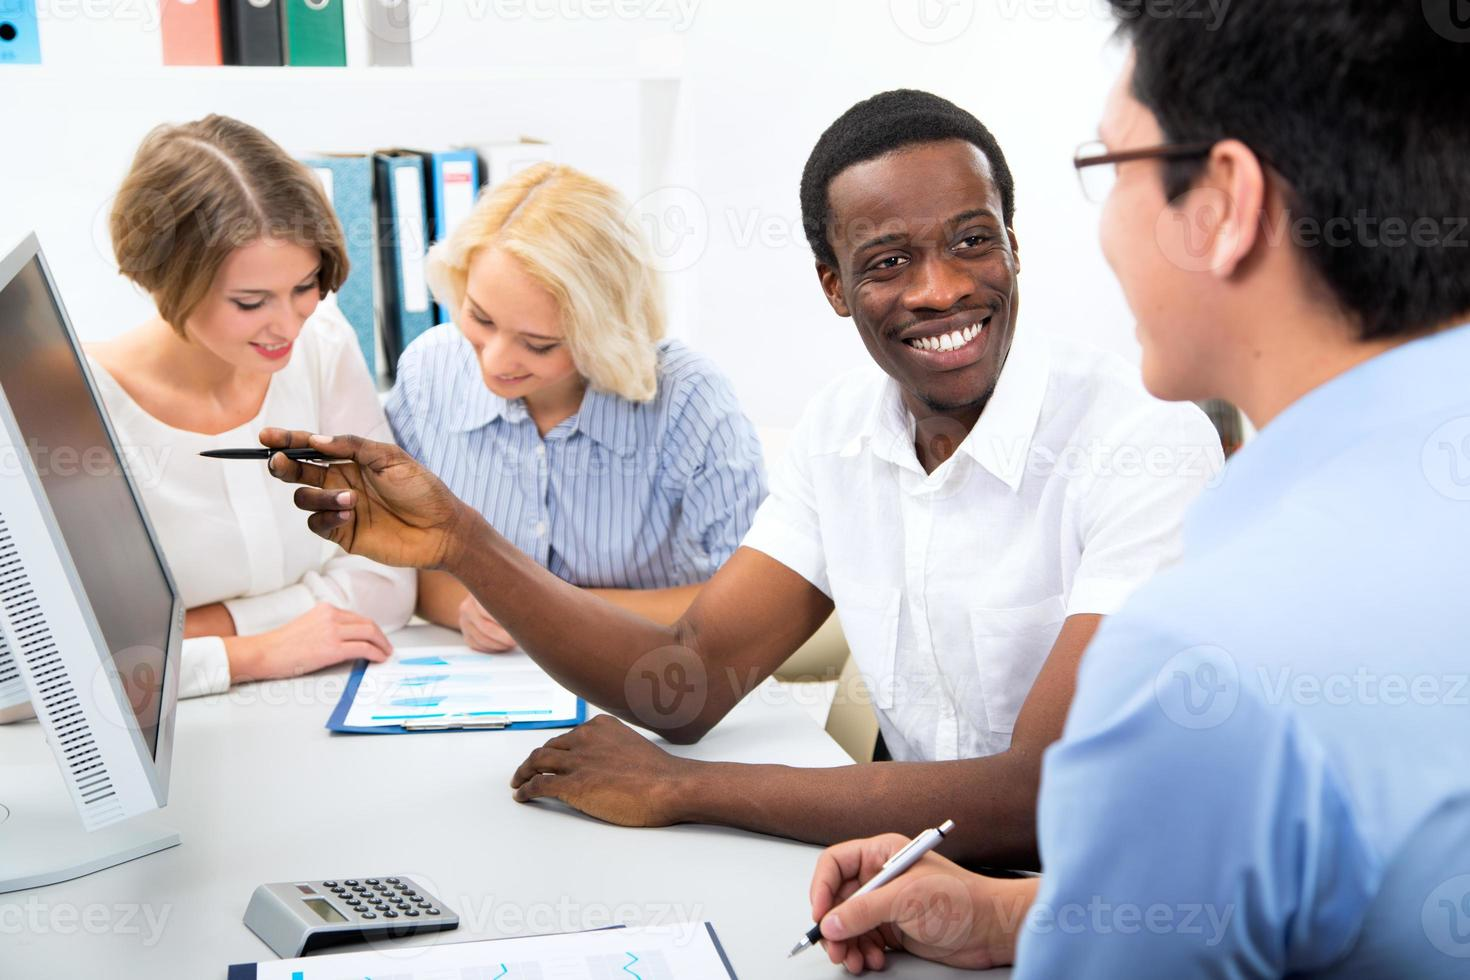 gelukkige mensen uit het bedrijfsleven verzamelden zich rond de laptop foto